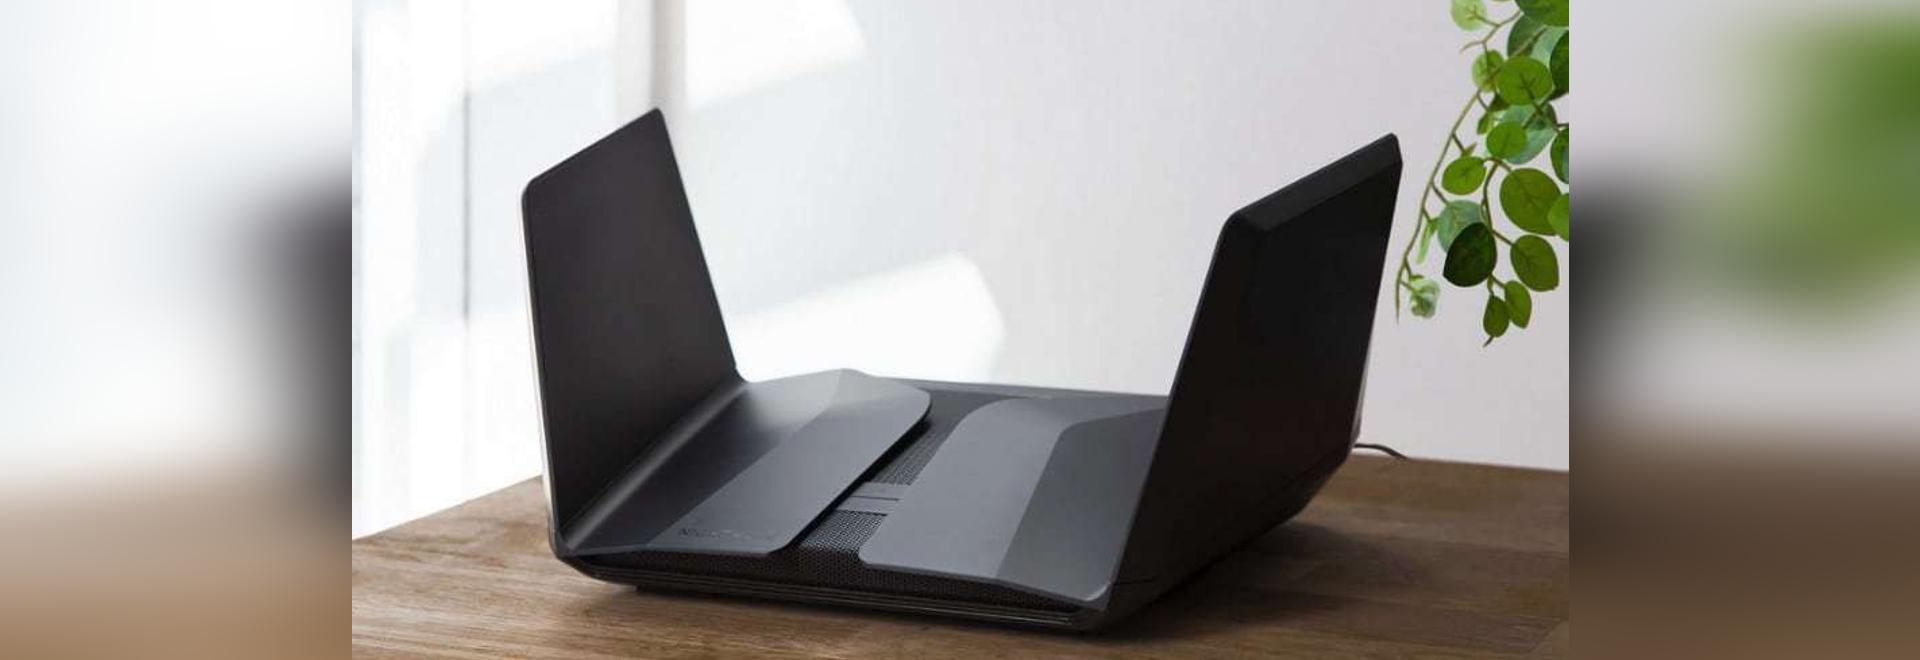 Netgear lanza una ola de routers Nighthawk de nueva generación